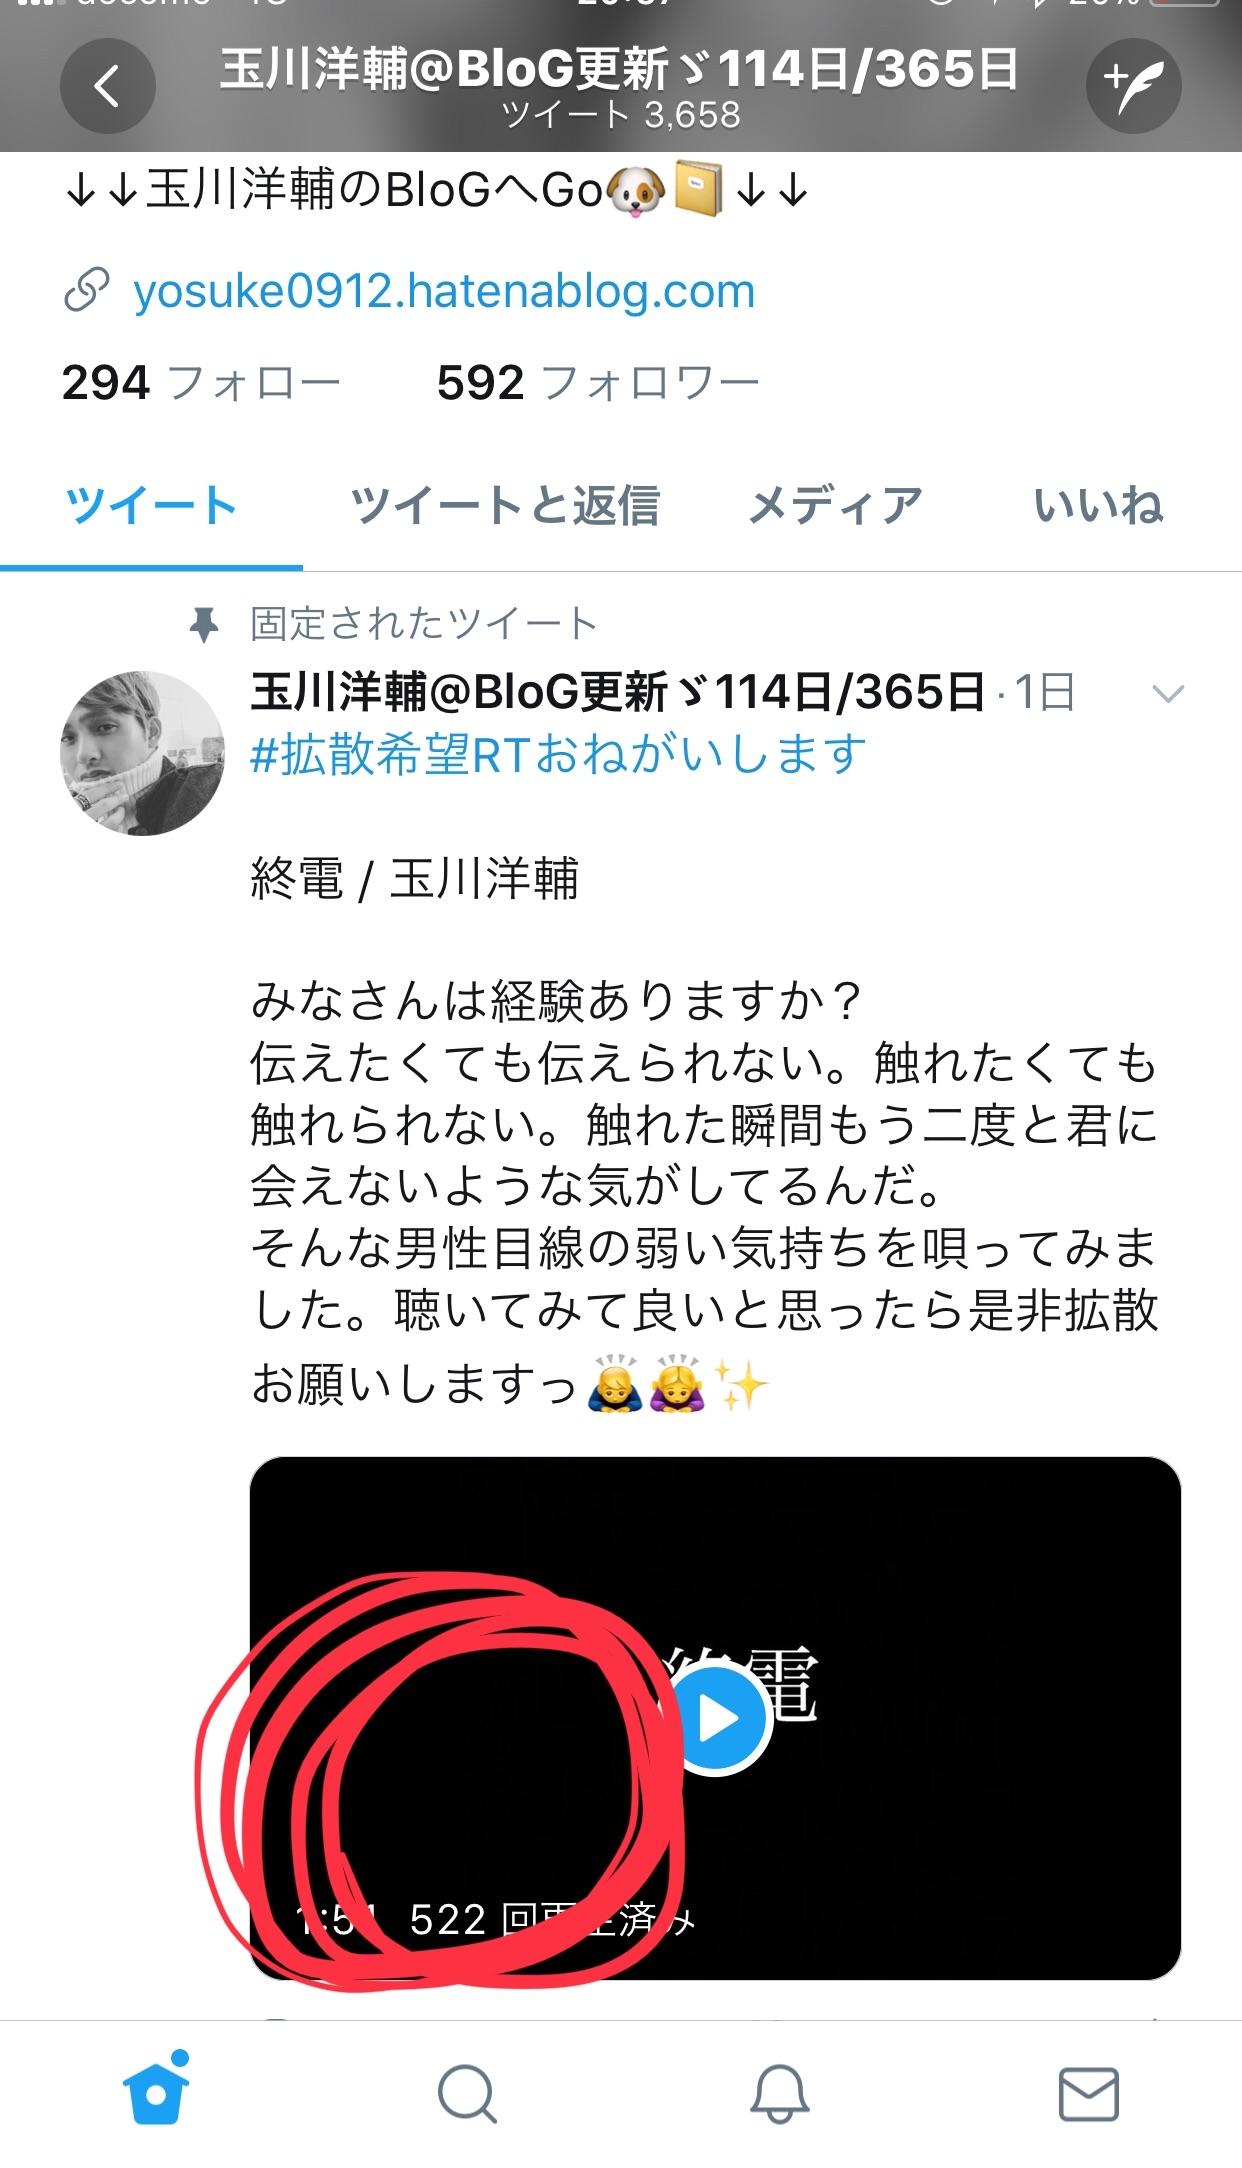 f:id:Yosuke0912:20180224205848j:image